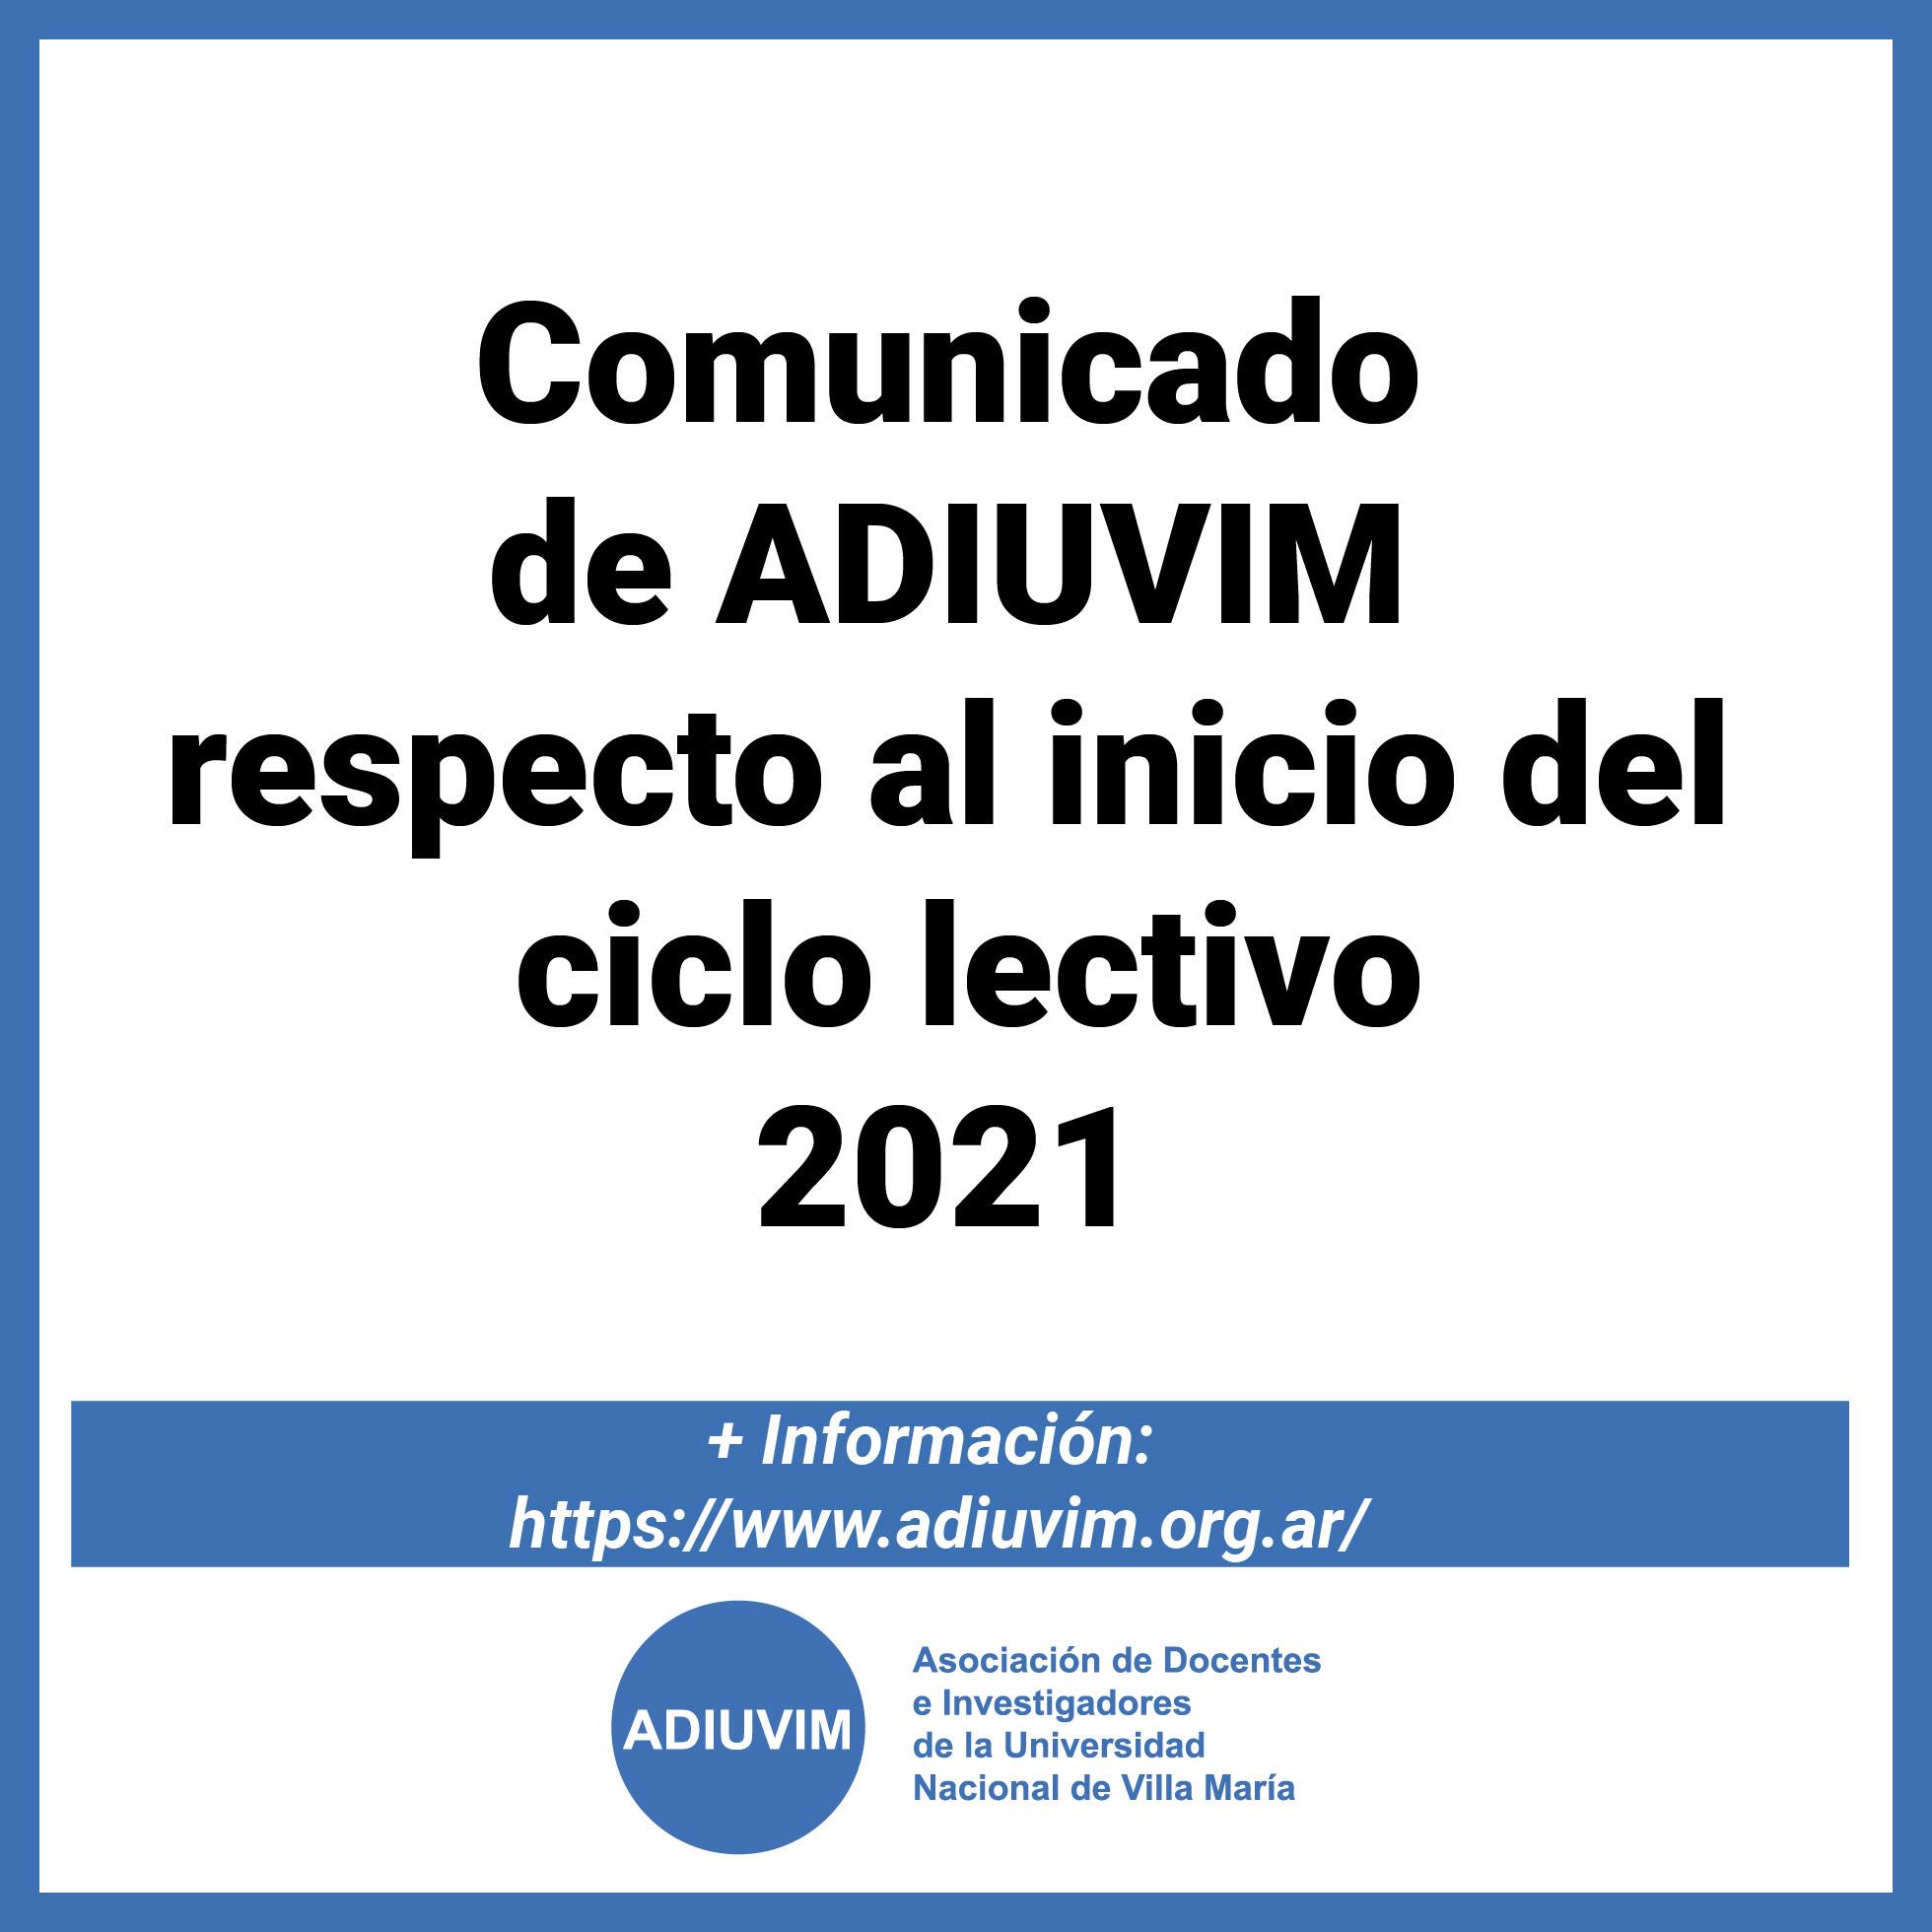 Comunicado de ADIUVIM respecto al inicio del ciclo lectivo 2021